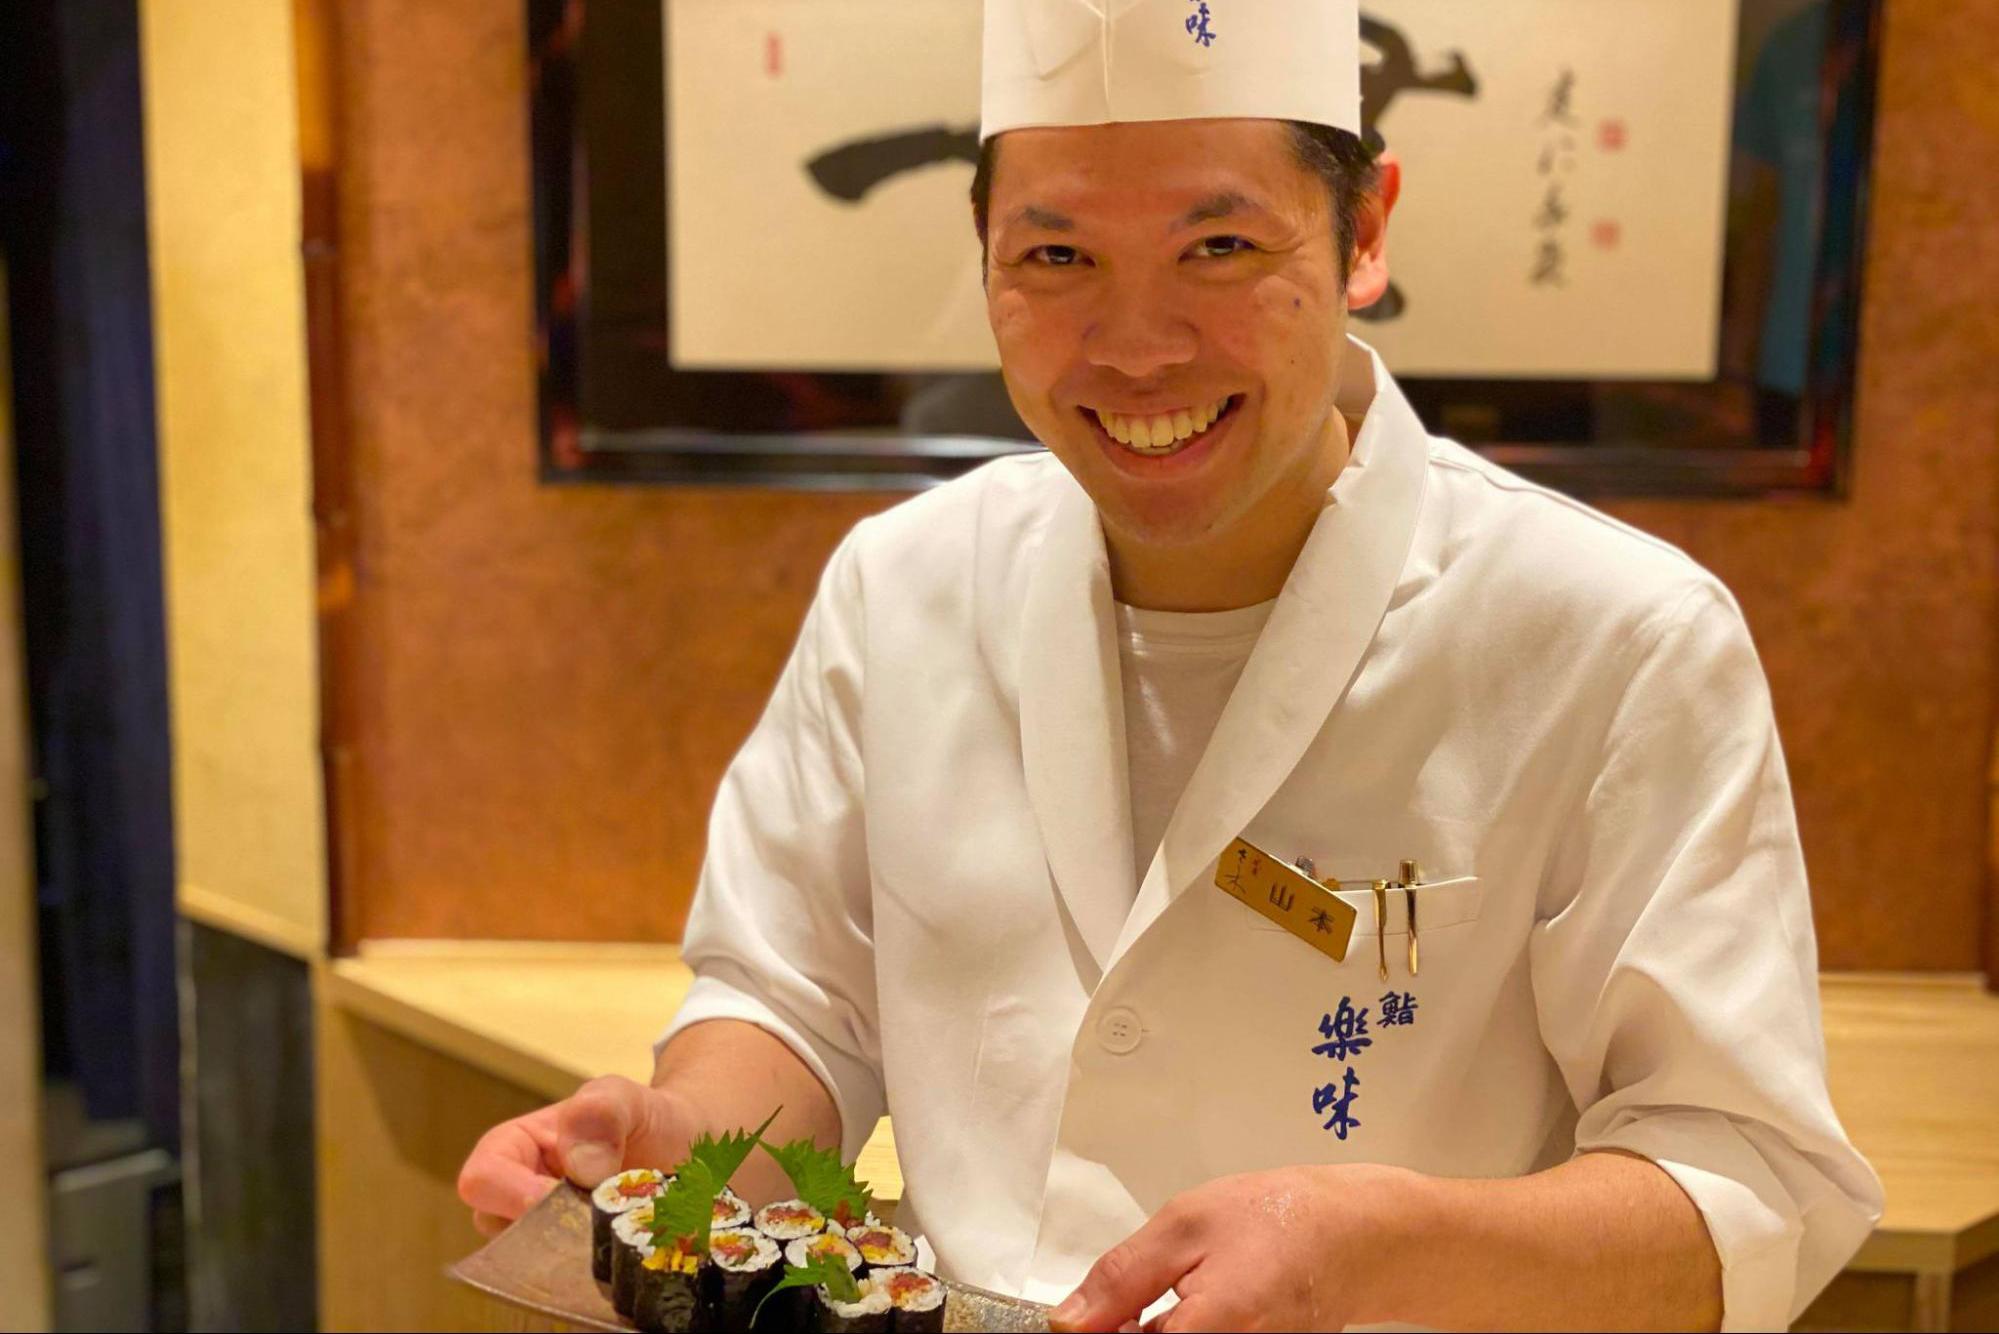 【極上ごはんとまかないレシピ】巻き方のコツ付き! 絶品「鮨 楽味さま直伝のトロたく」